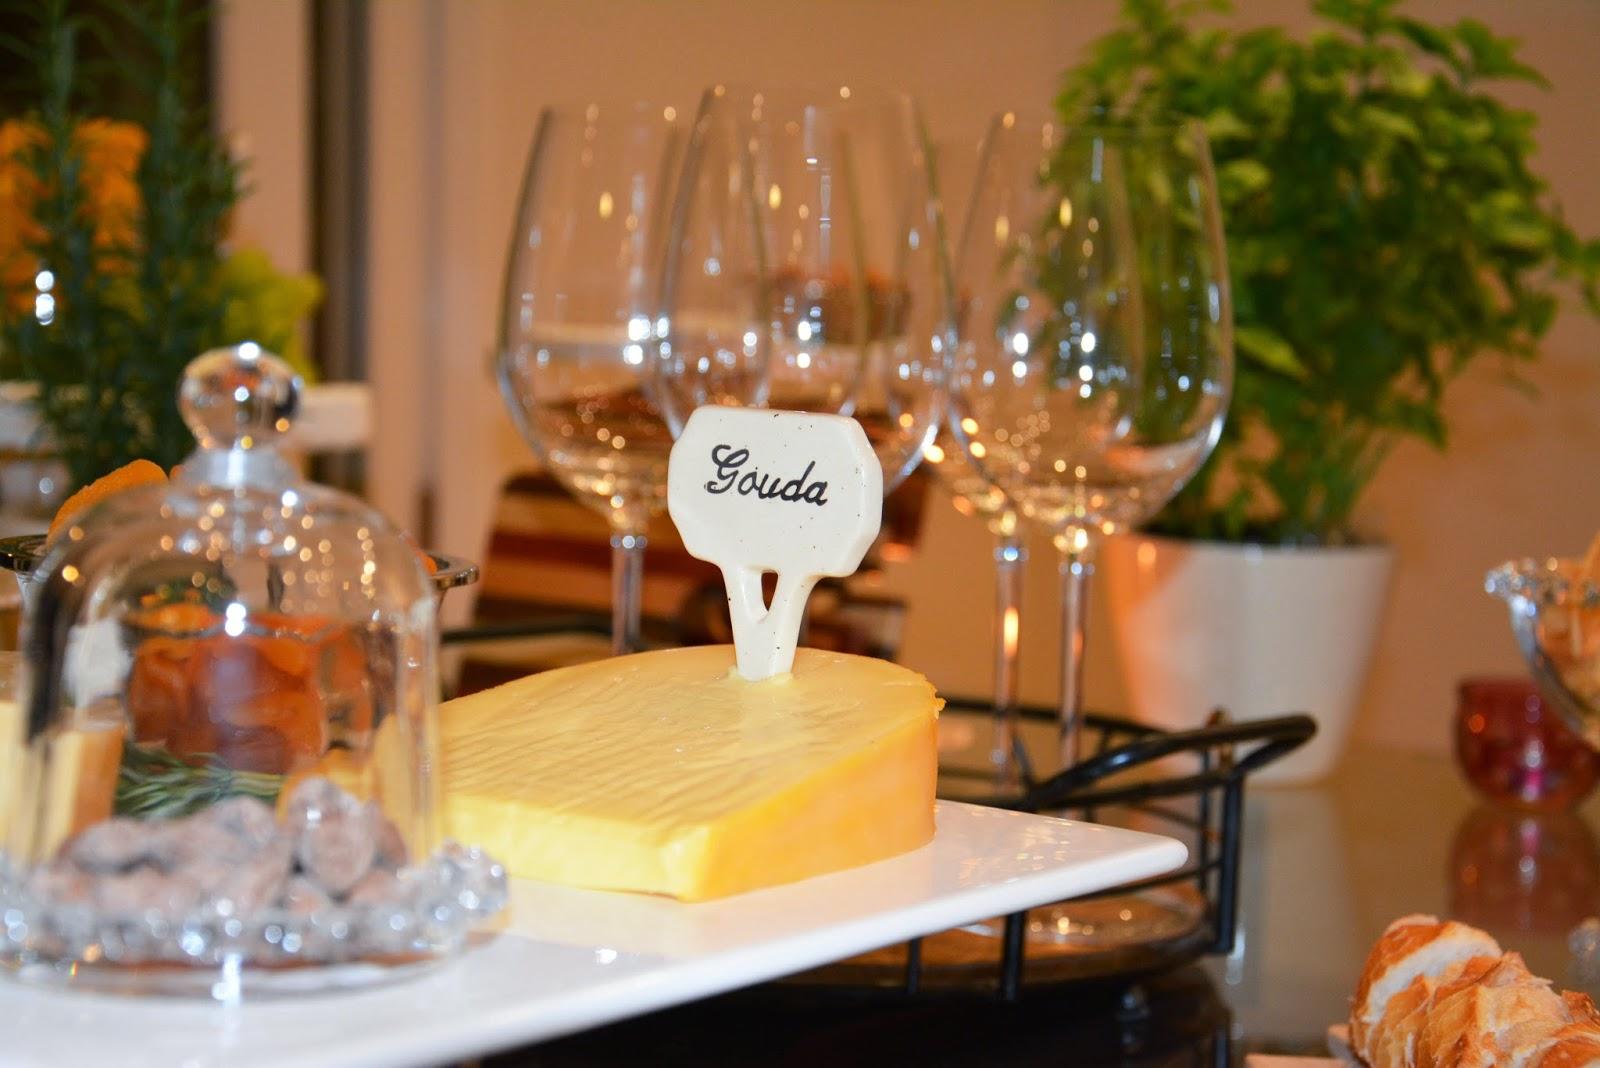 decoracao de festa queijos e vinhos: de recepção. Como sobremesa, montei uma mesa de bolo e brigadeiros